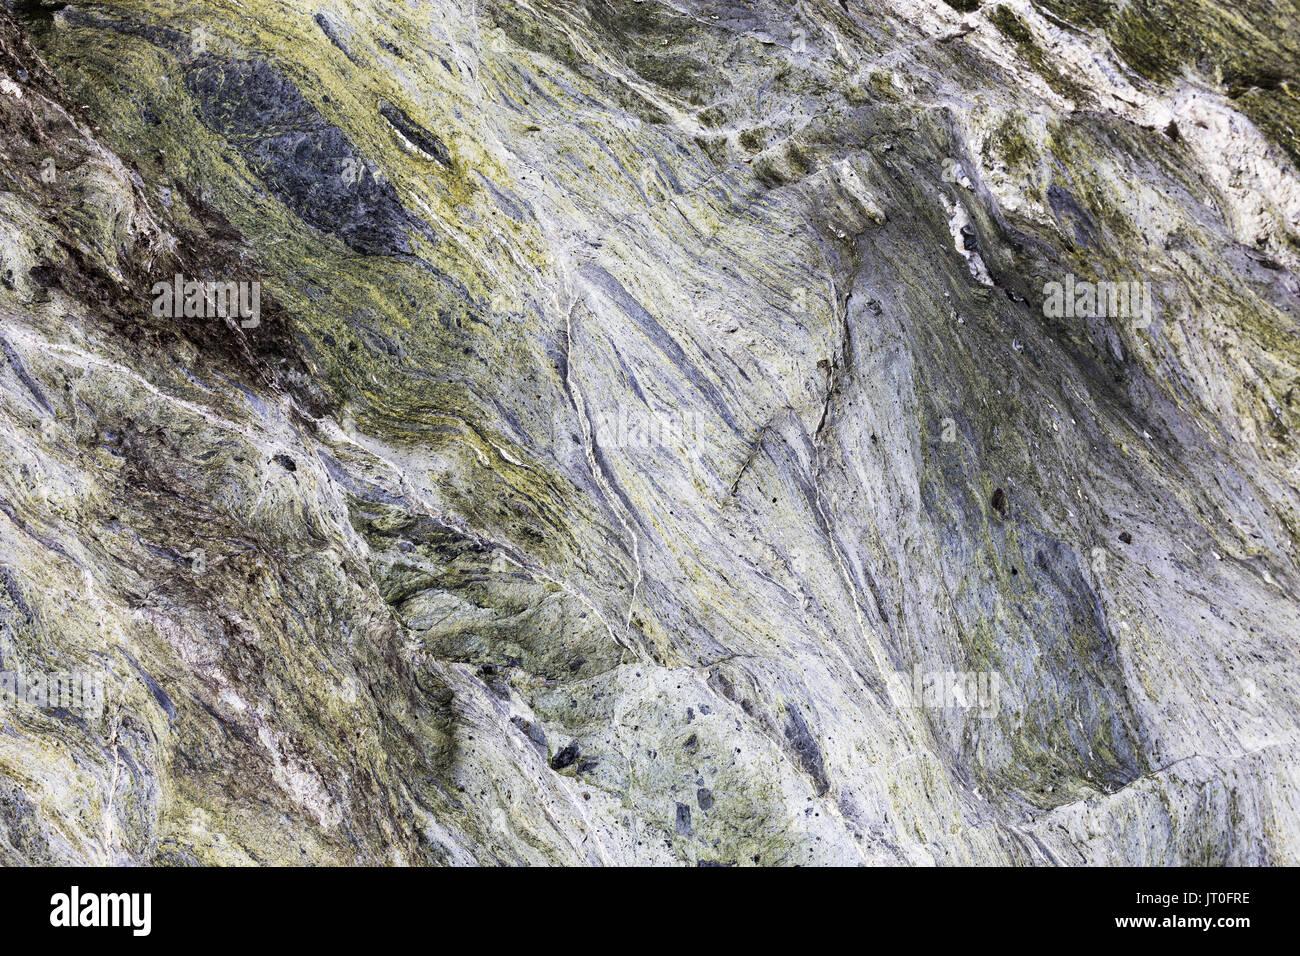 Un resumen cerca de vetas de minerales ejecutando a través de Roca Verde en un fondo de textura. Foto de stock